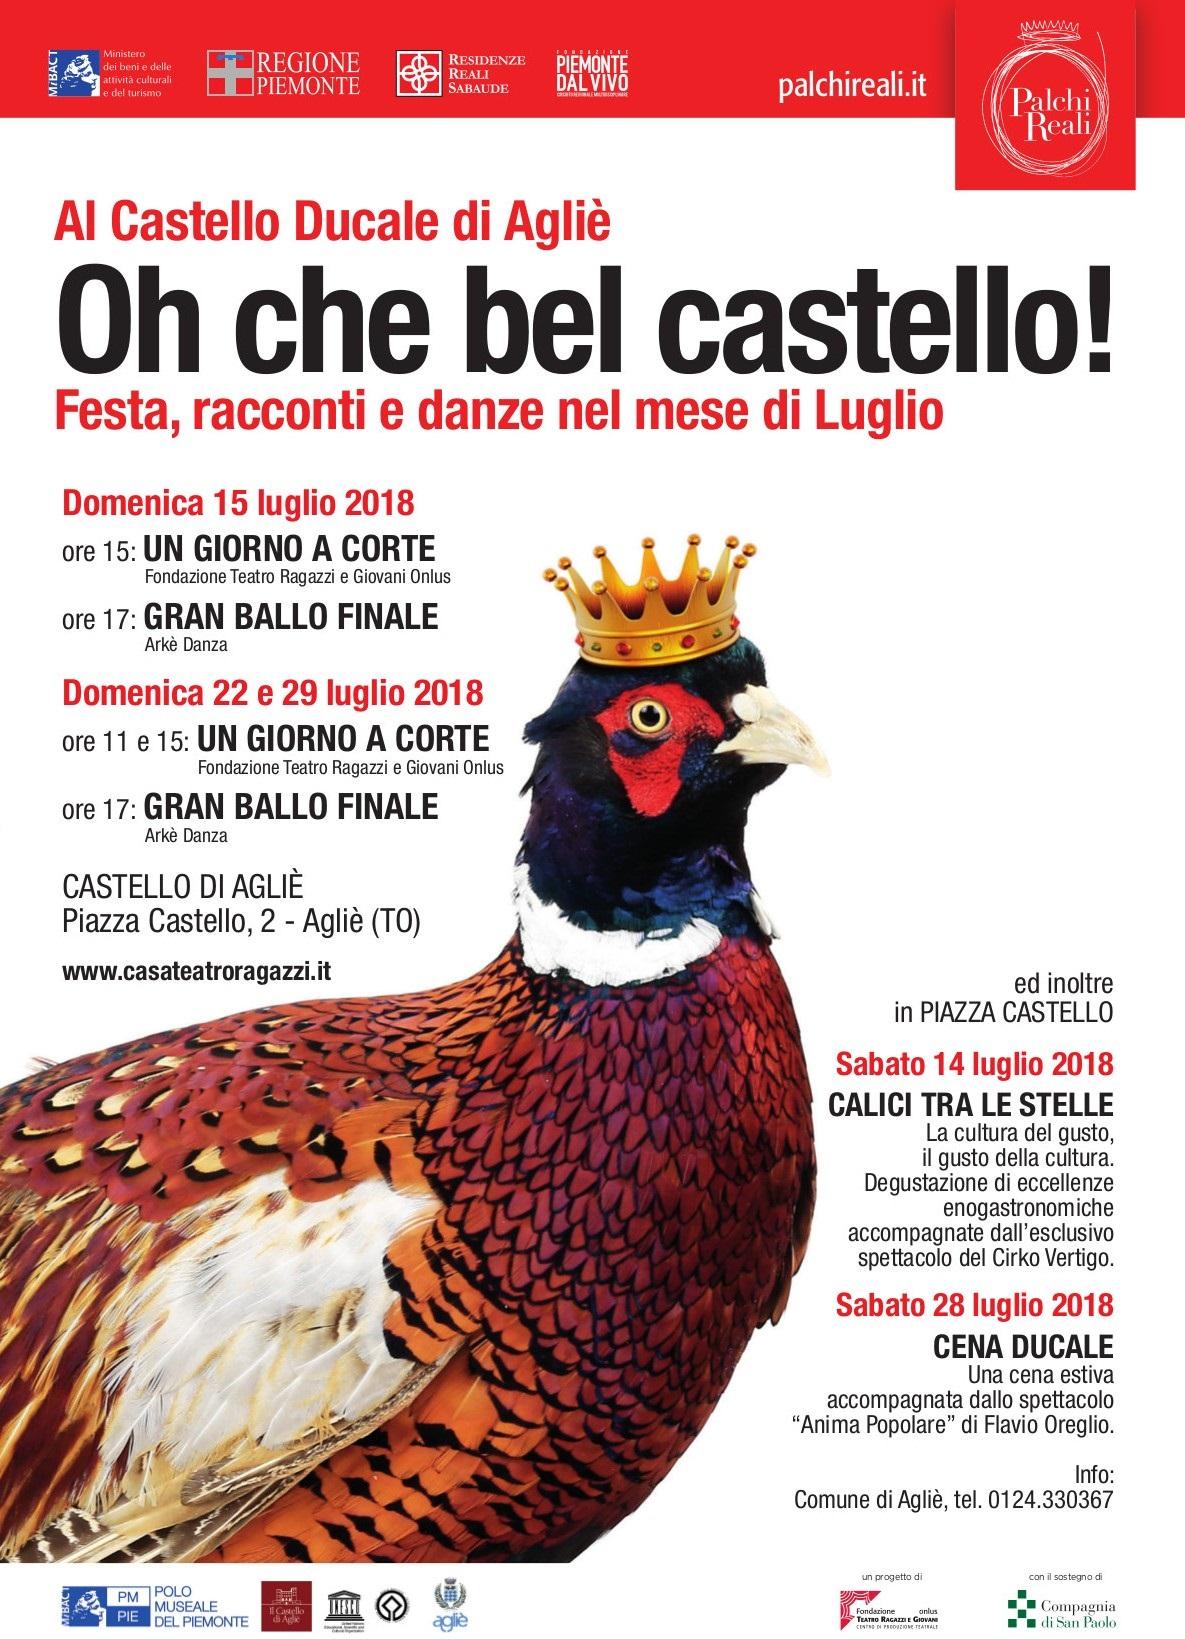 Aglie_oh_che_bel_castello